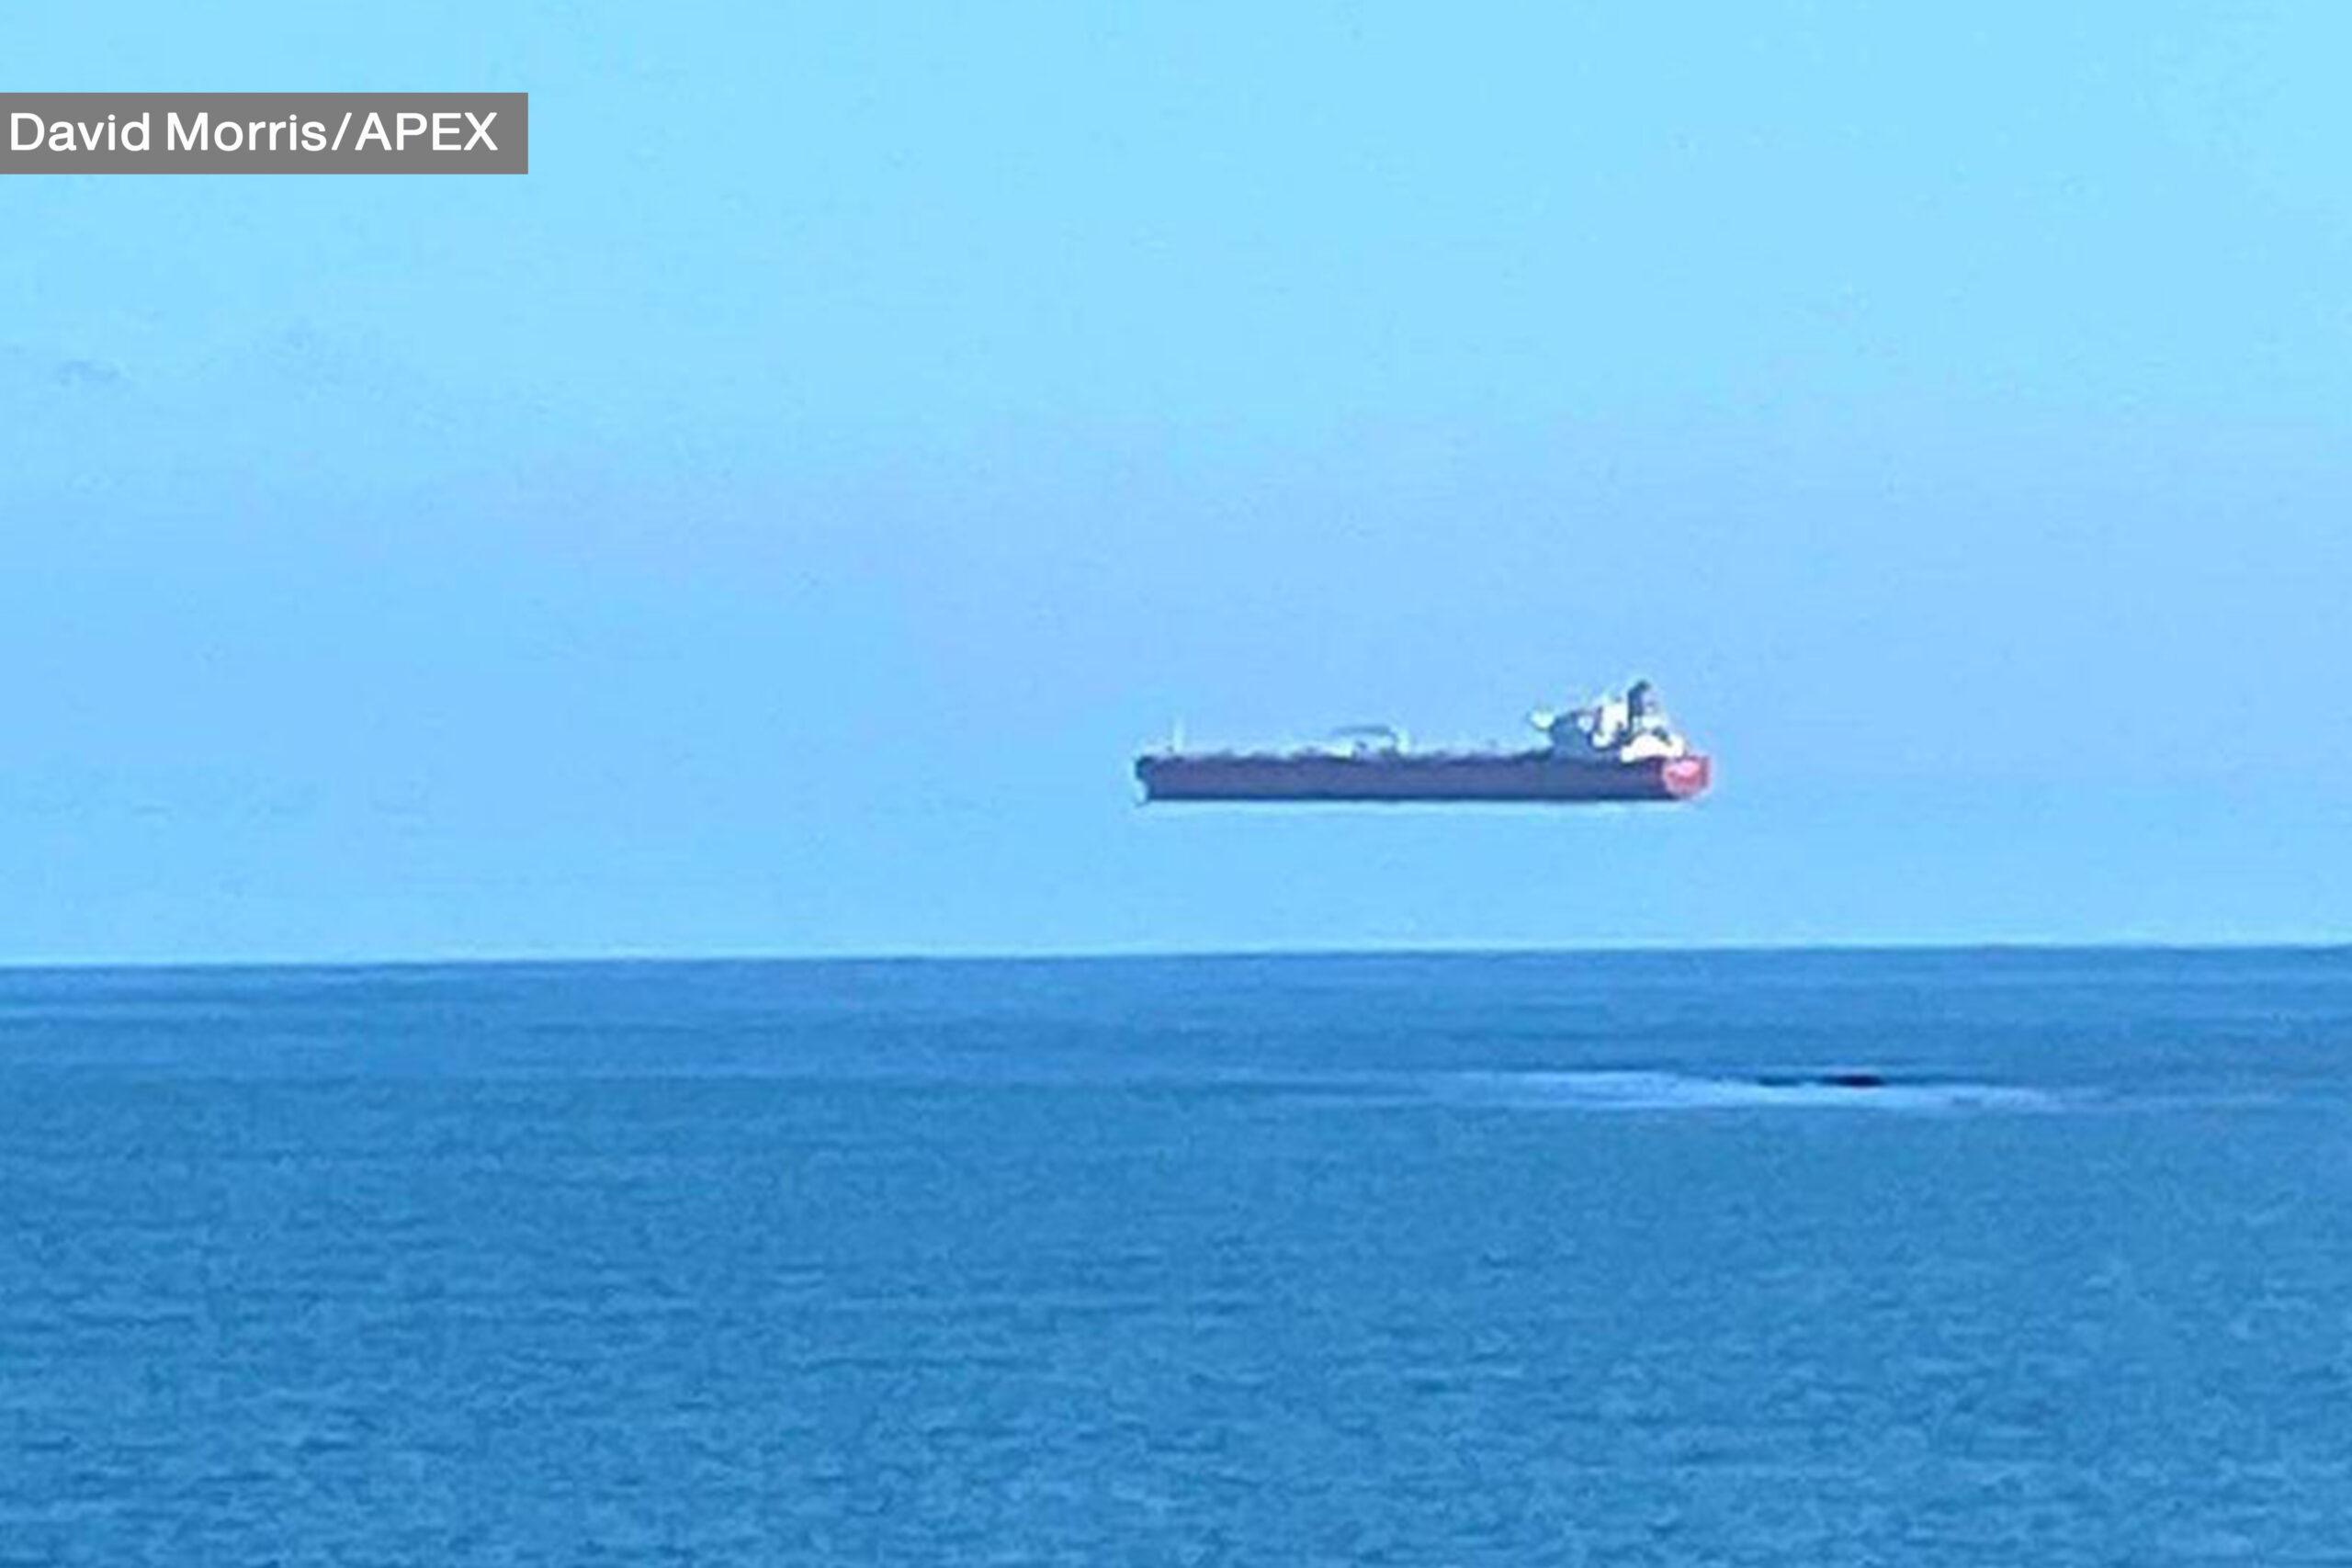 صور حقيقية لسفن معلقة في الهواء ! ما السبب يا ترى ؟